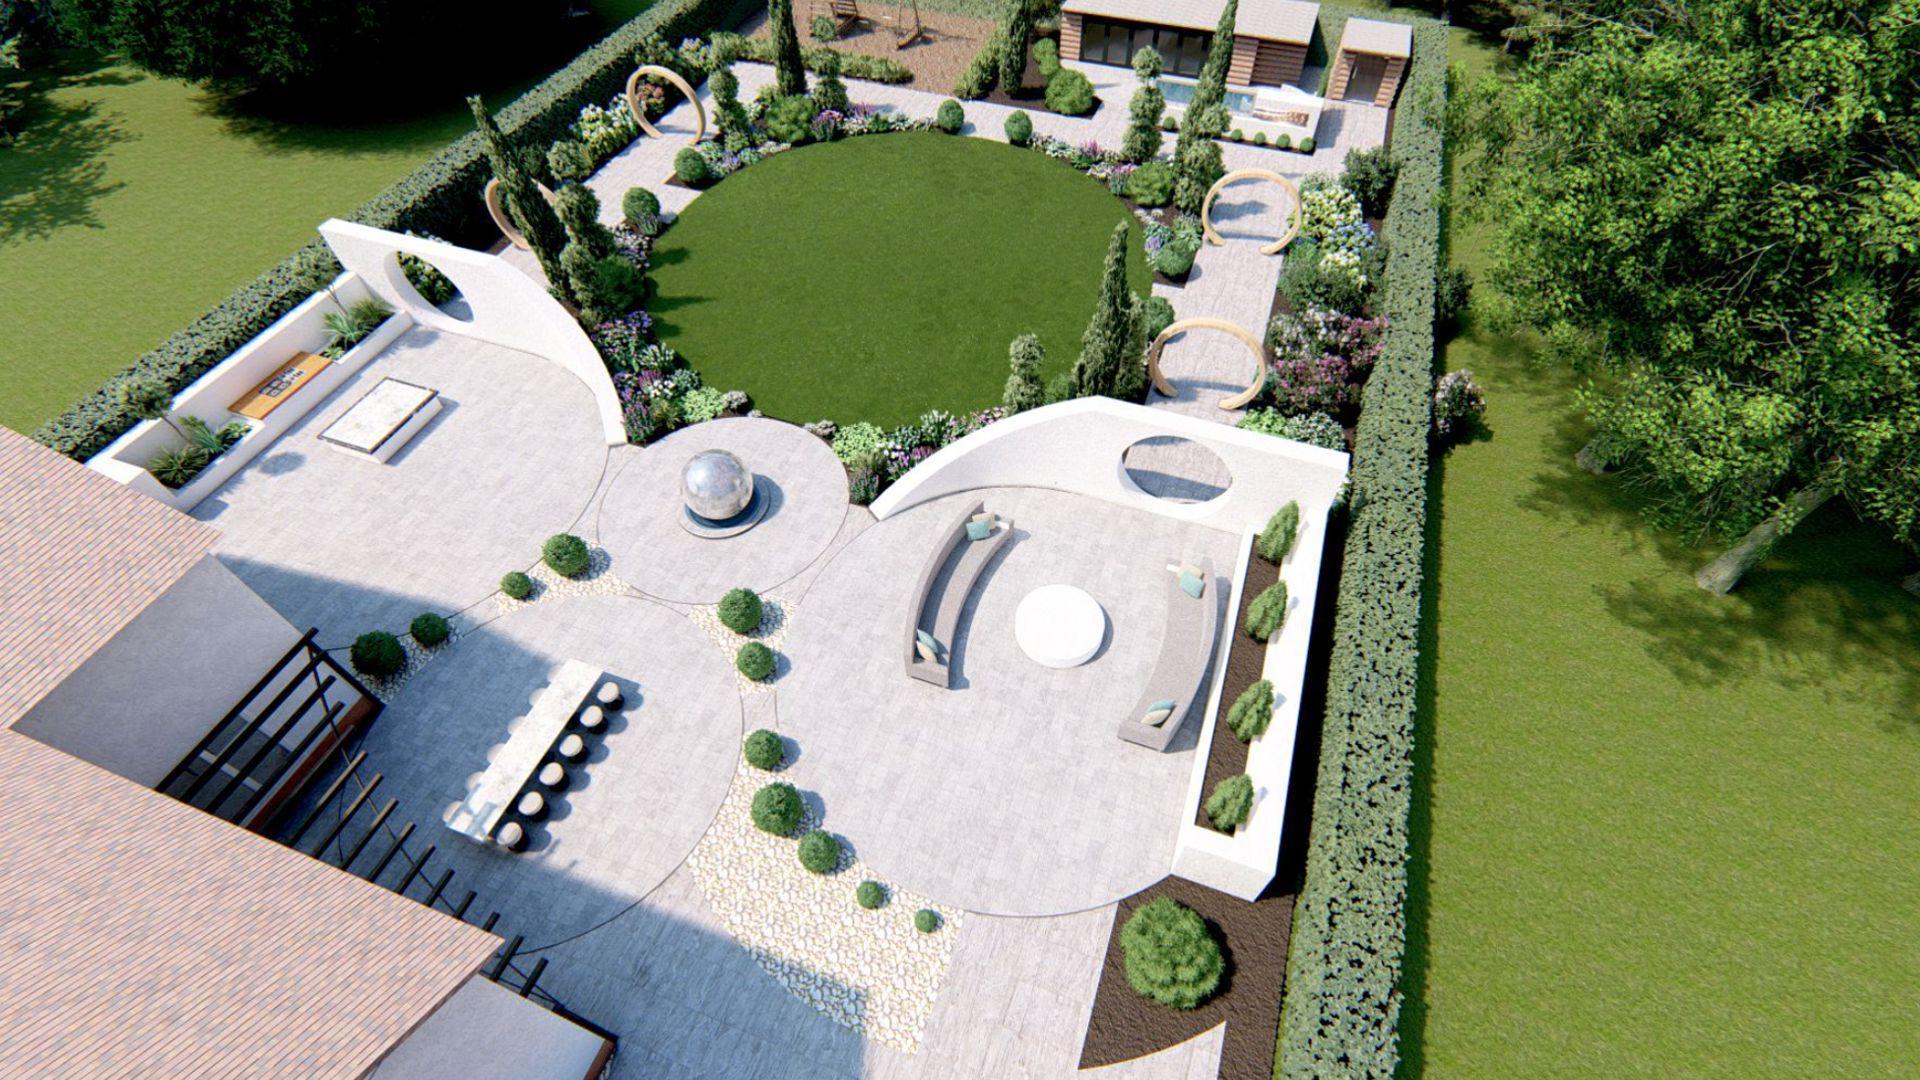 Vogelperspektive Gartenplanung Ideen